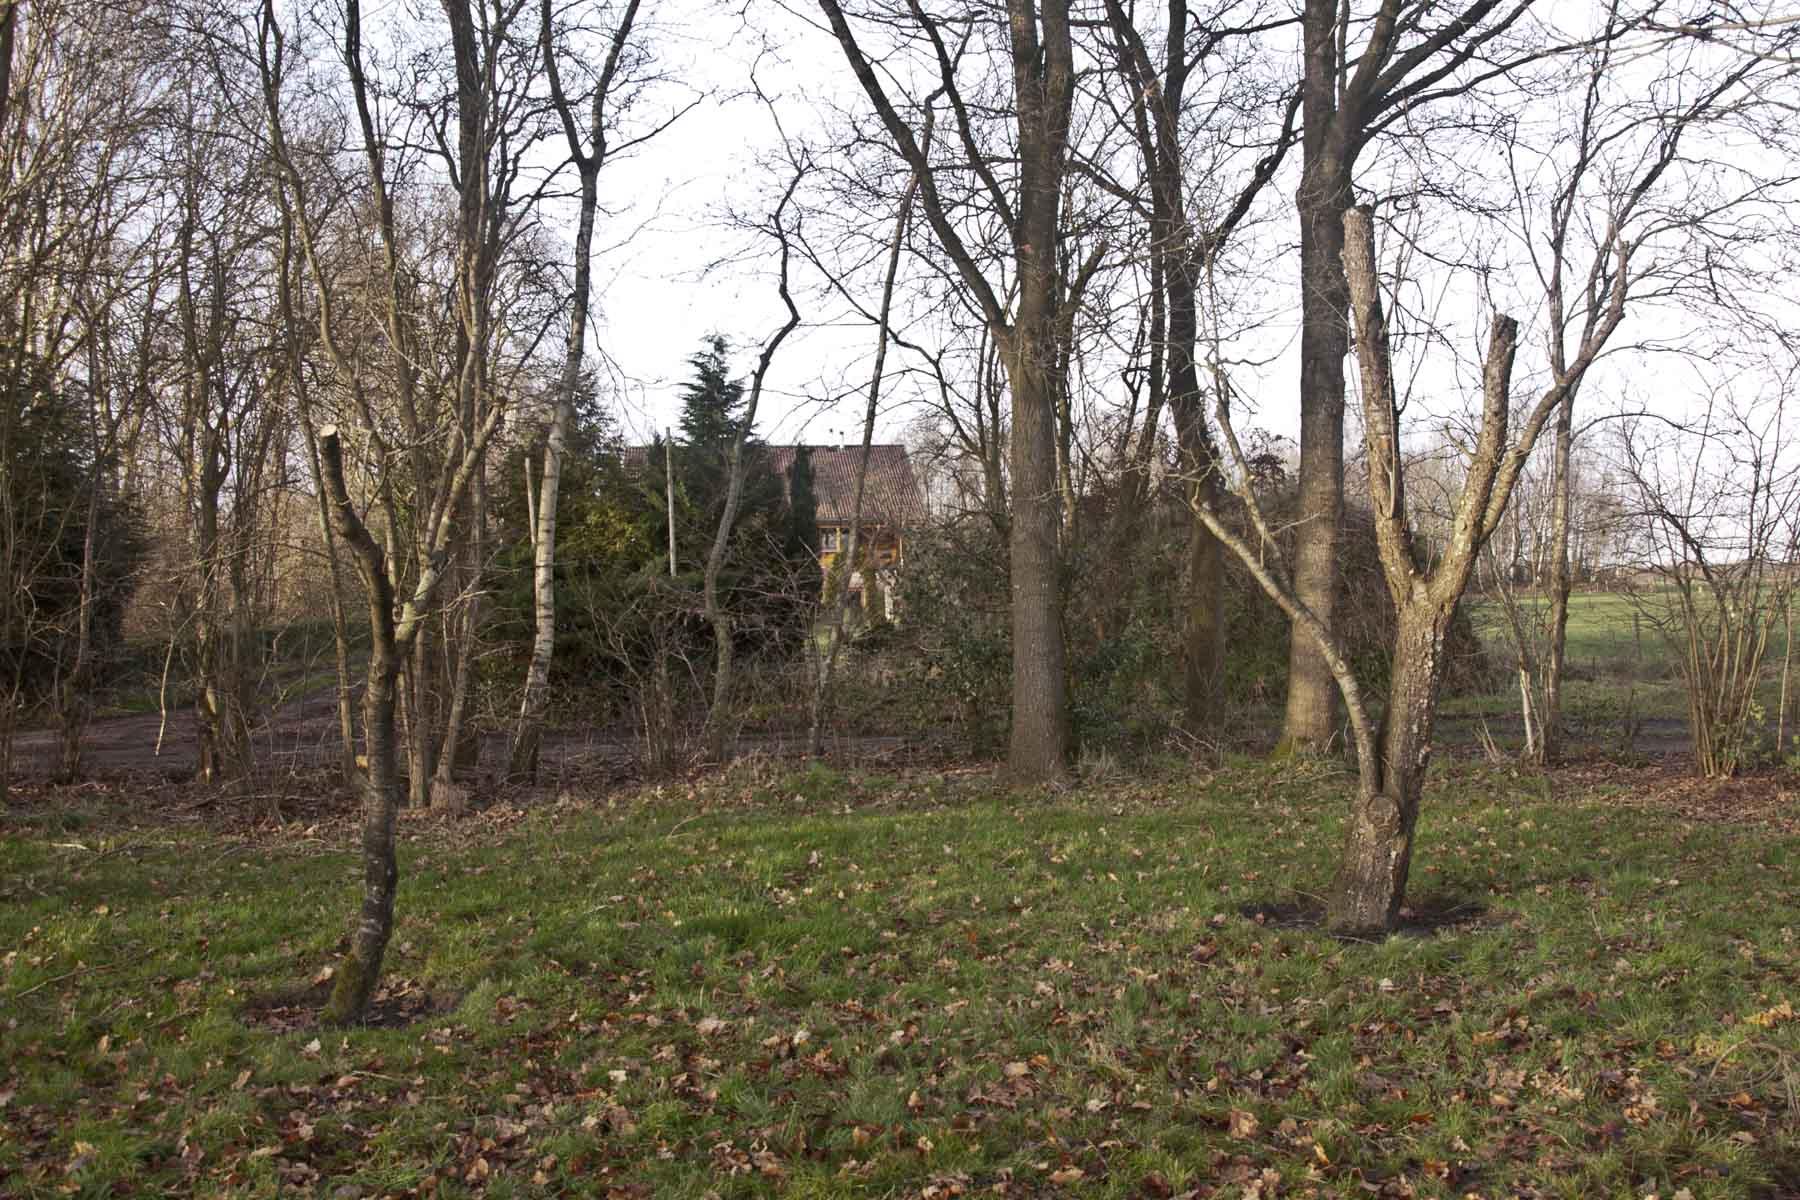 2012-01-14-hsb-blesdijke-3504